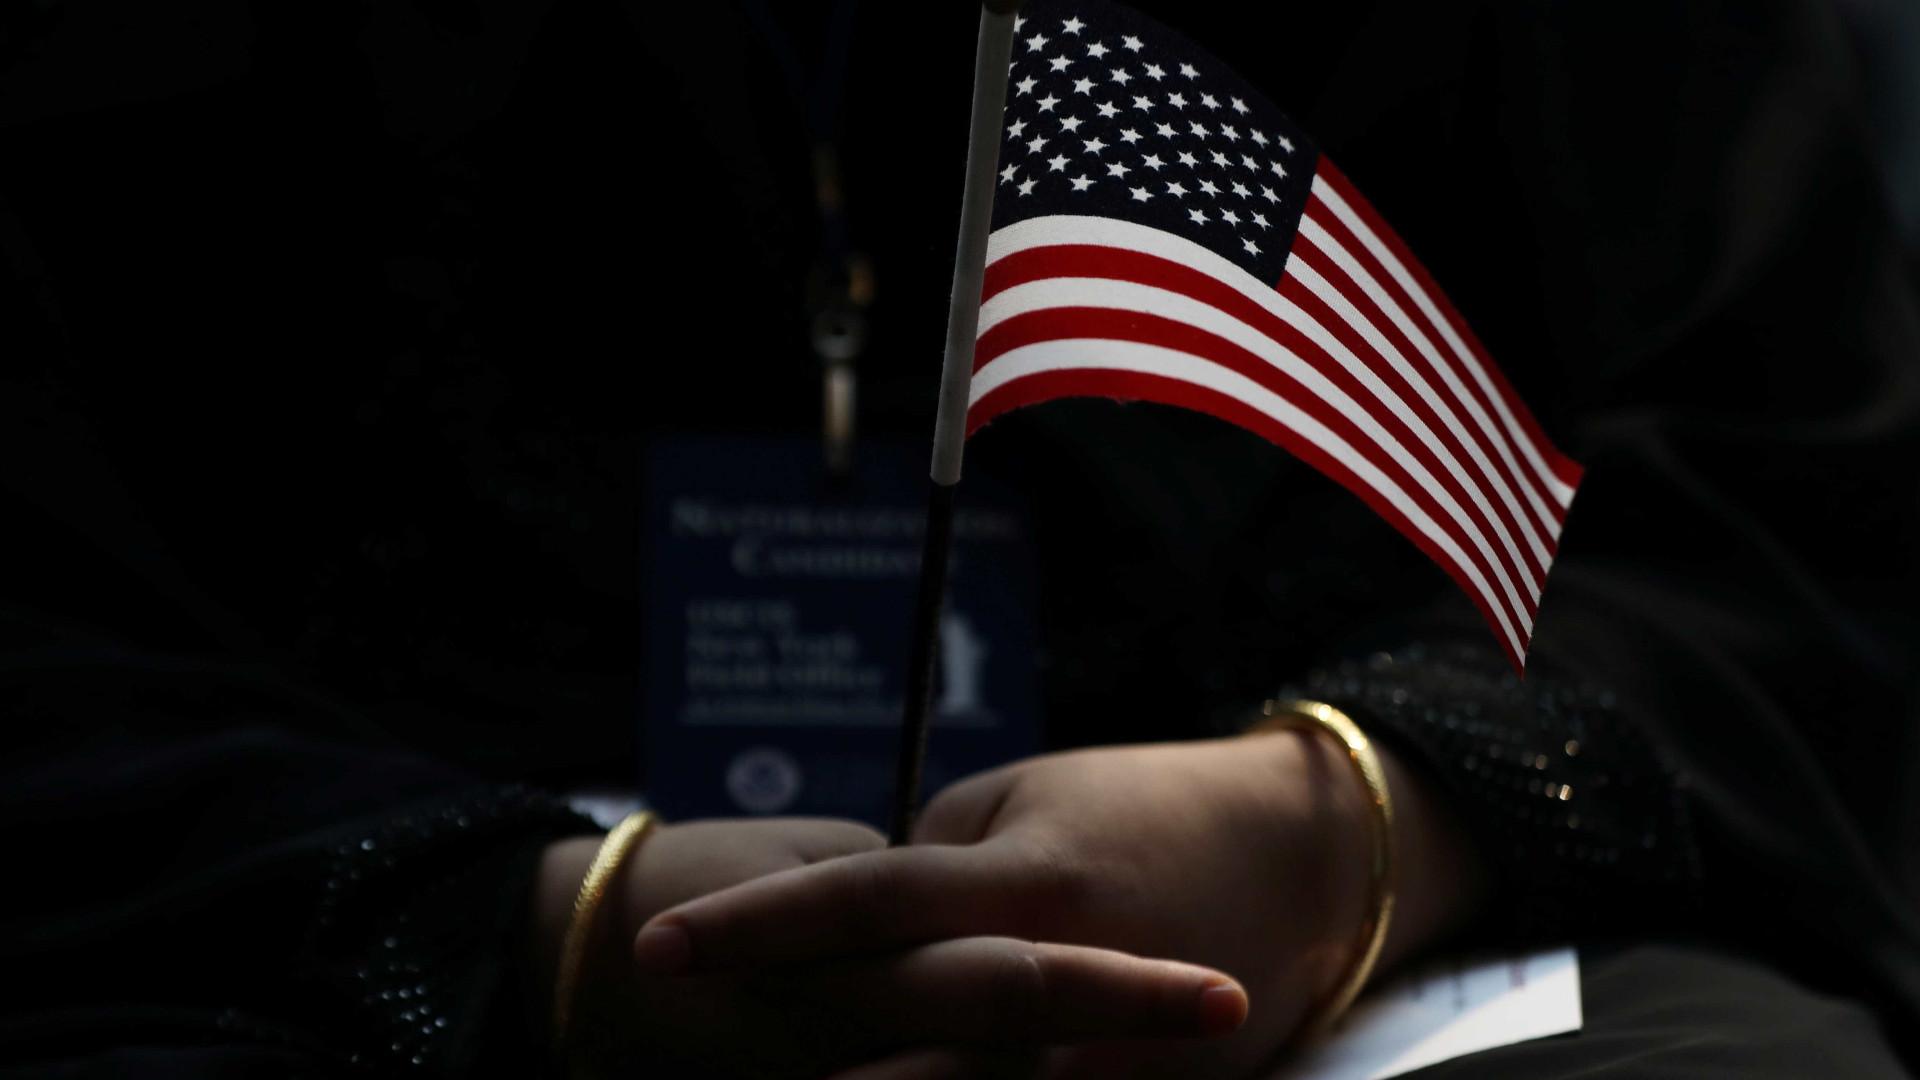 Milhares manifestaram-se no domingo nos EUA contra o ódio e violência